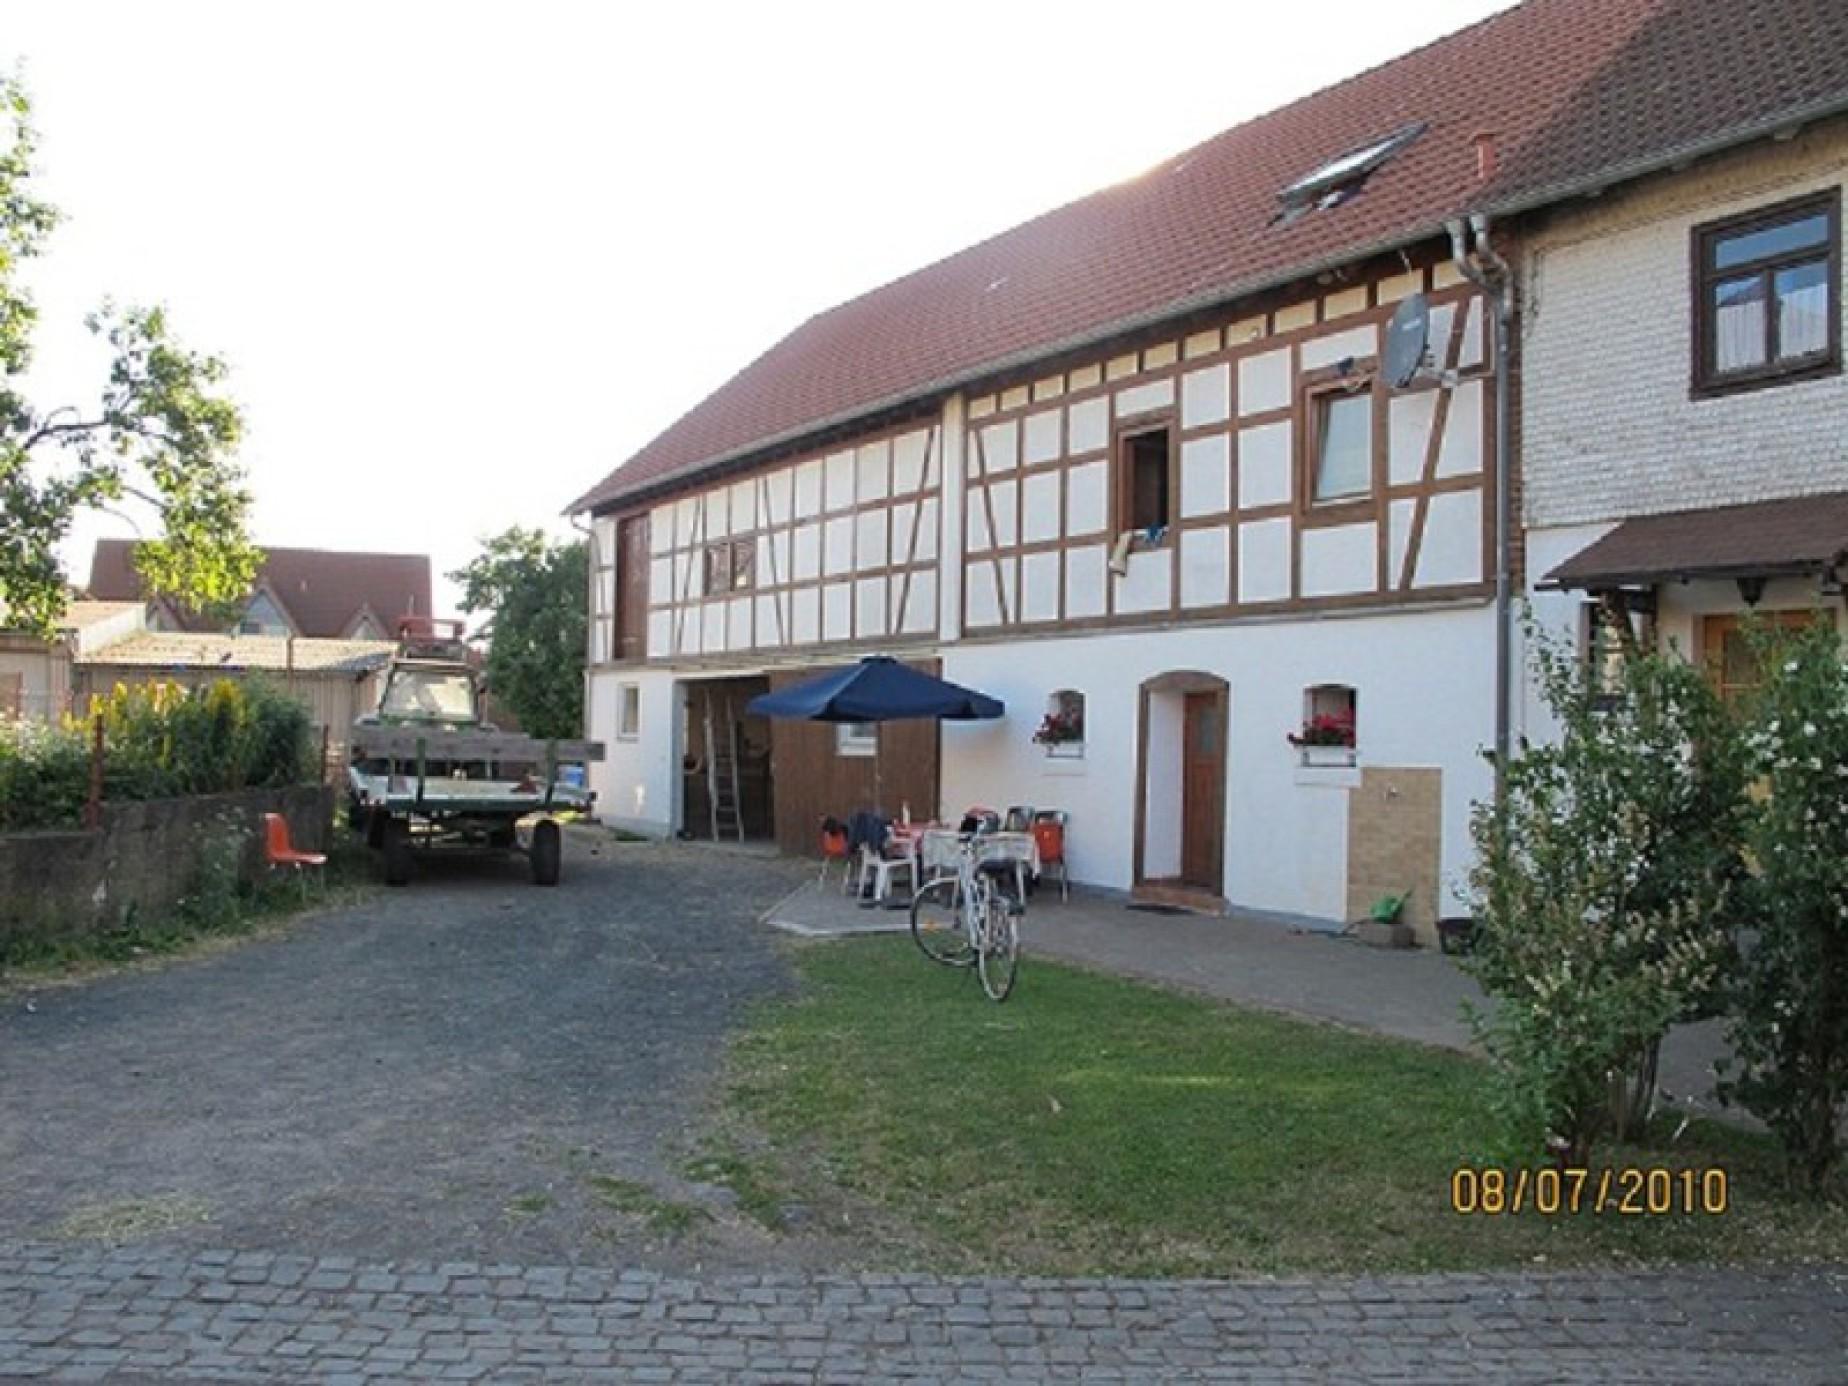 Reiterferien Hessen, Bayern, Nordrhein-Westfalen